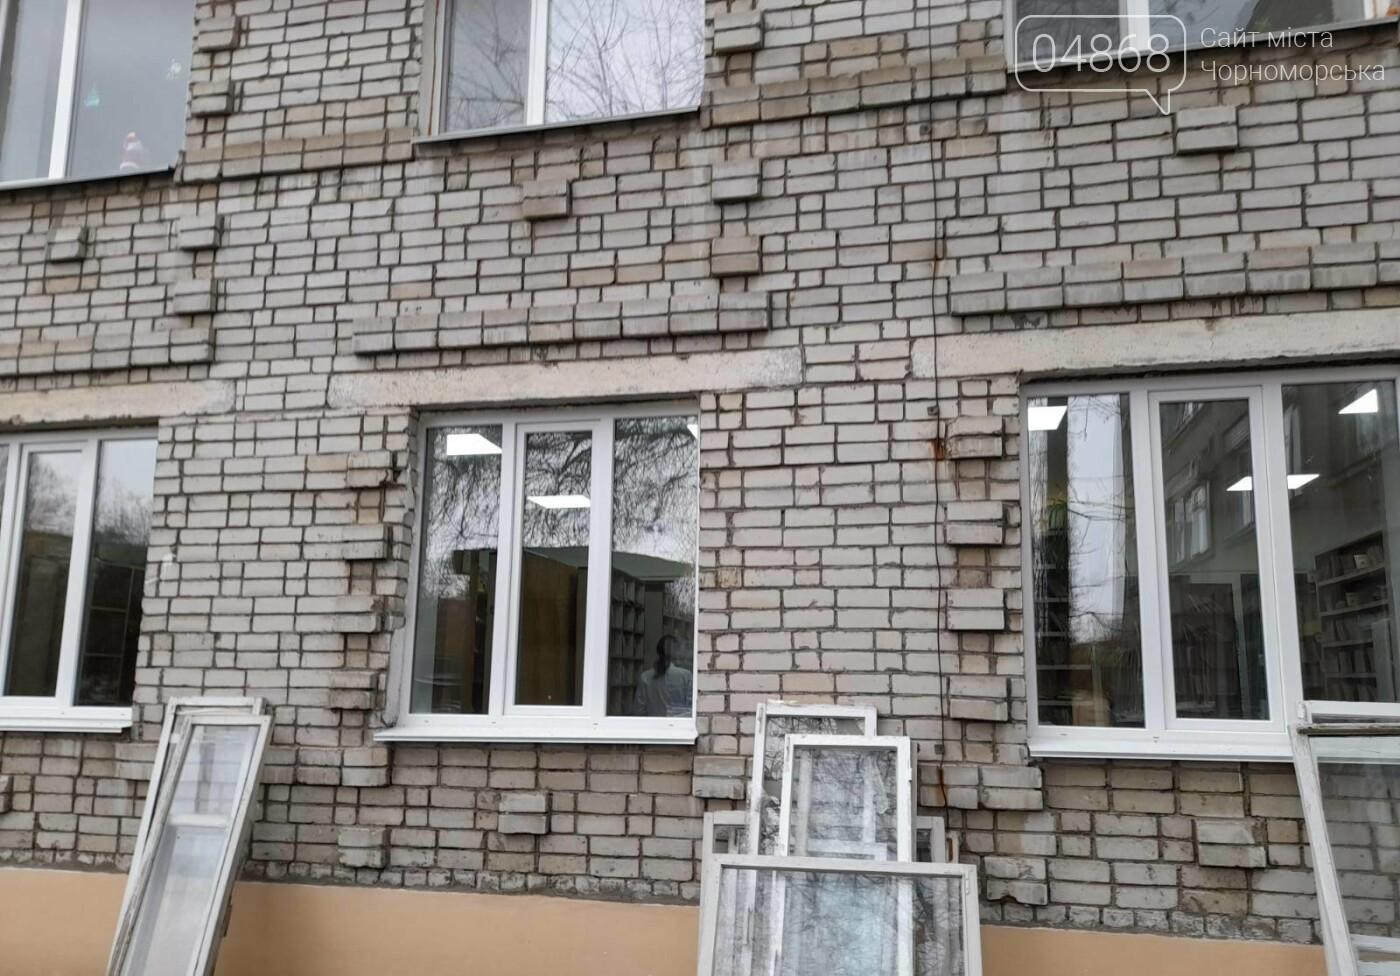 Будет теплее: в Черноморской поликлинике заменили 80 окон, фото-5